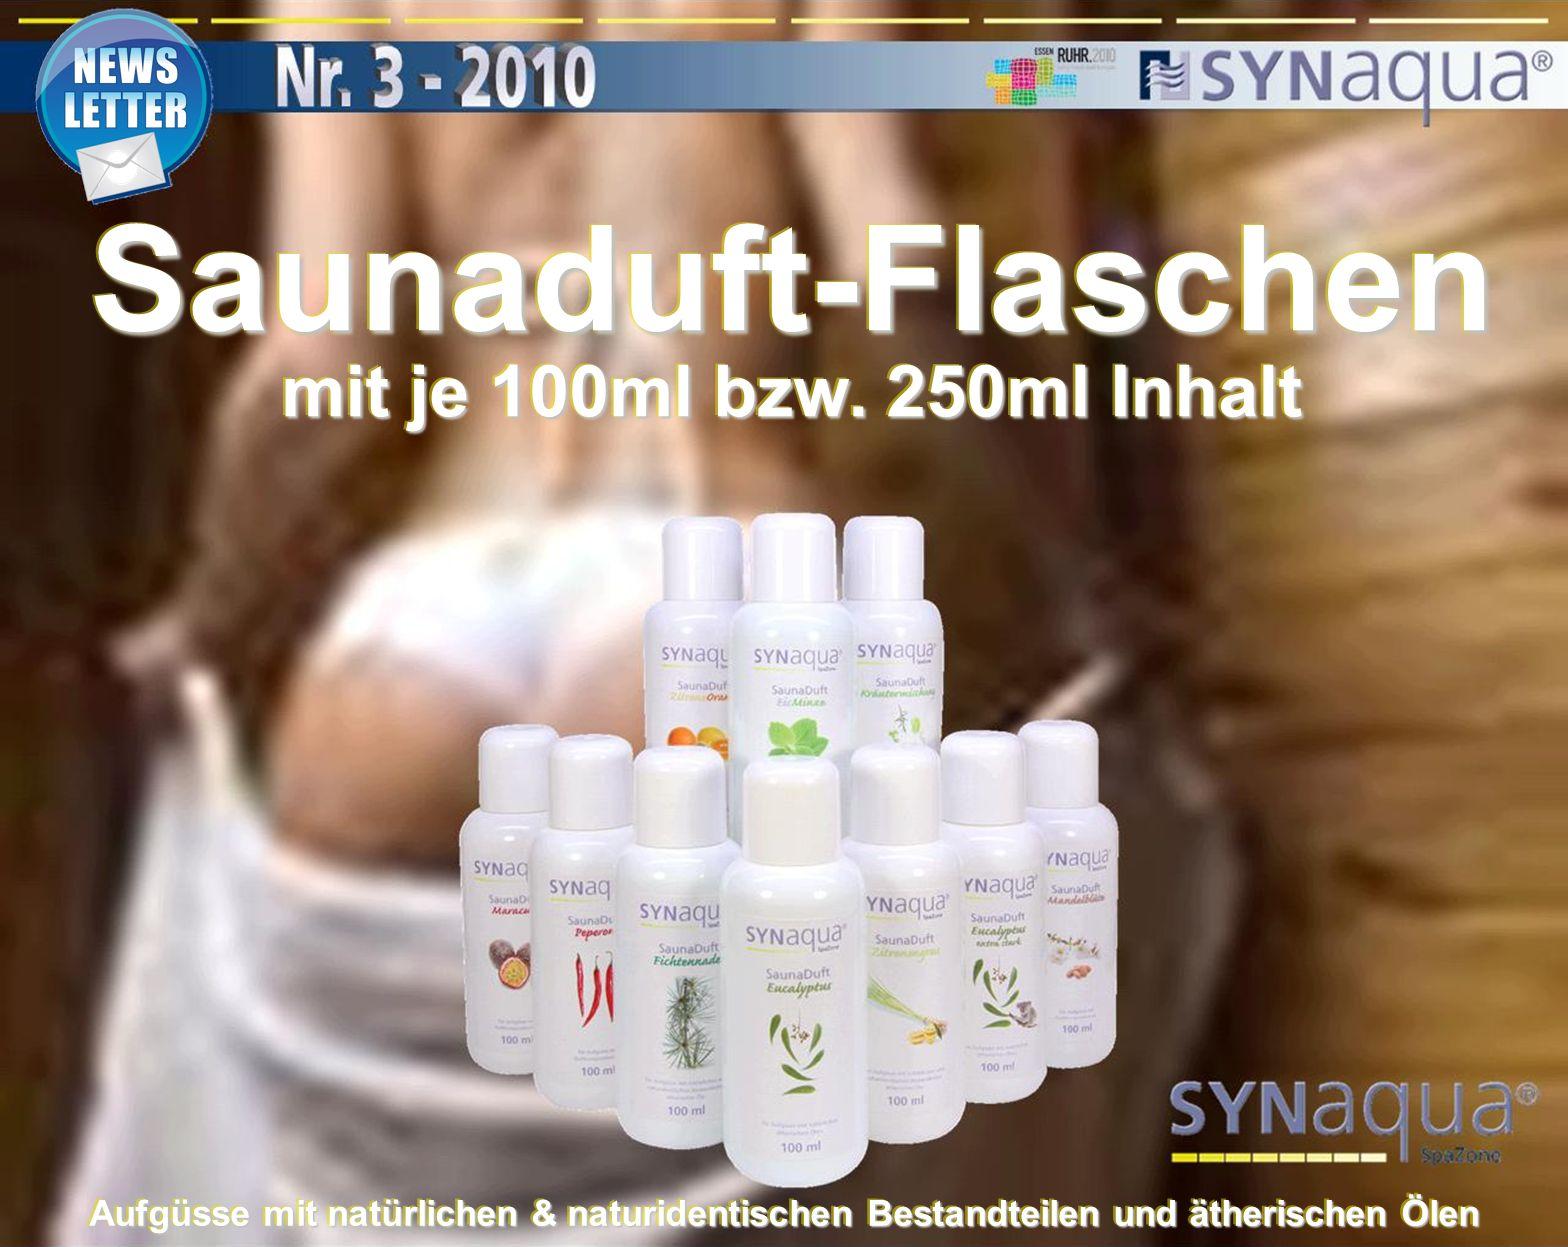 Saunaduft-Flaschen mit je 100ml bzw.